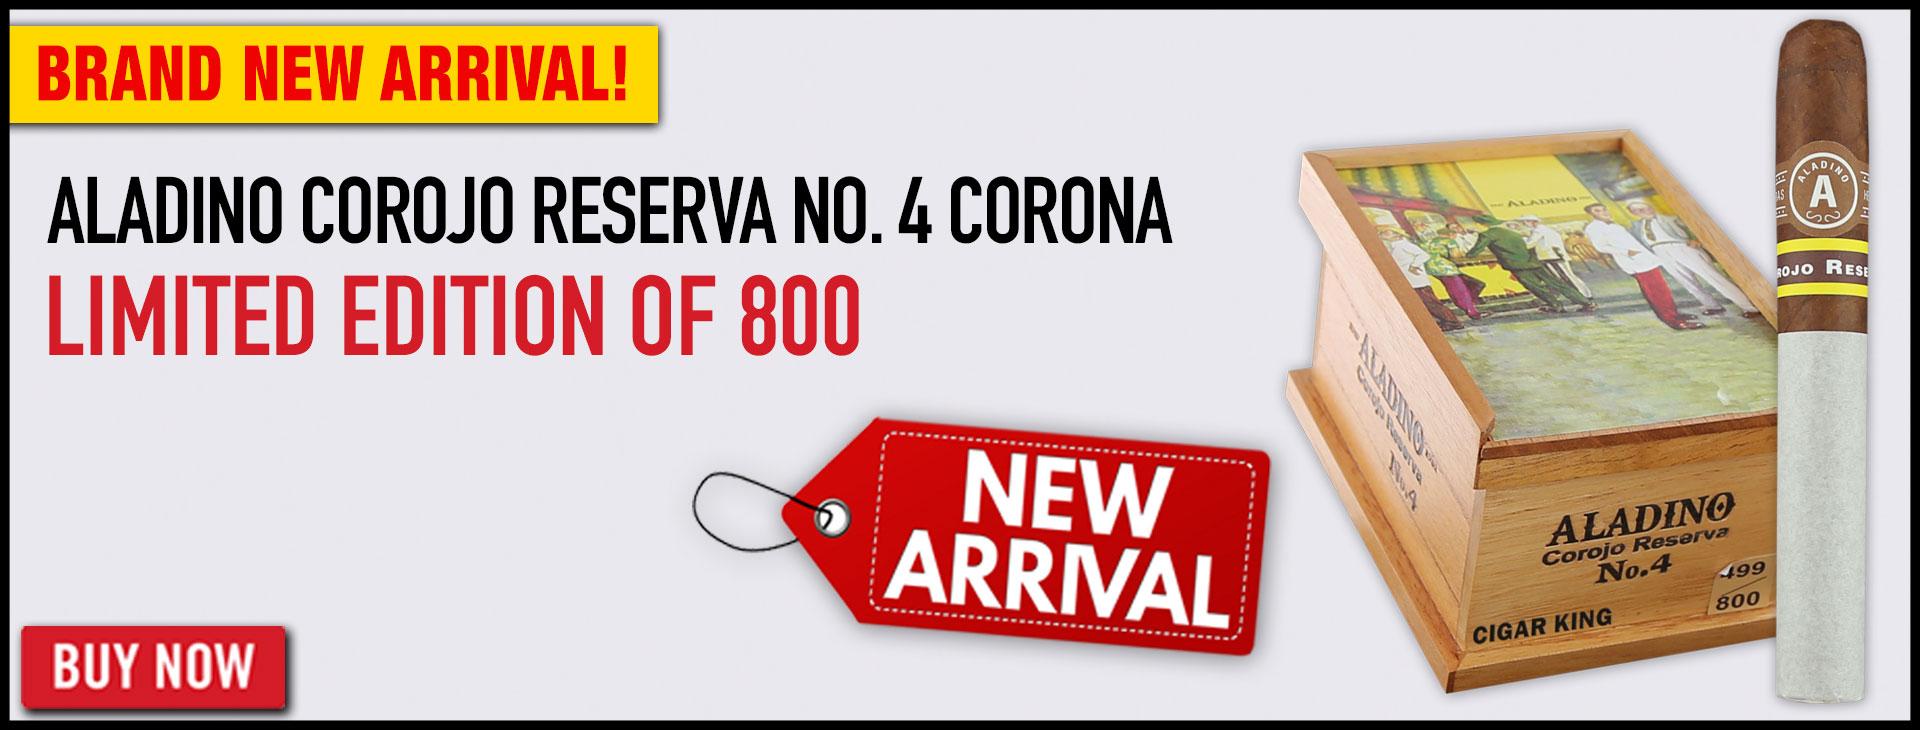 aladino-corojo-reserva-no4-2020-banner.jpg